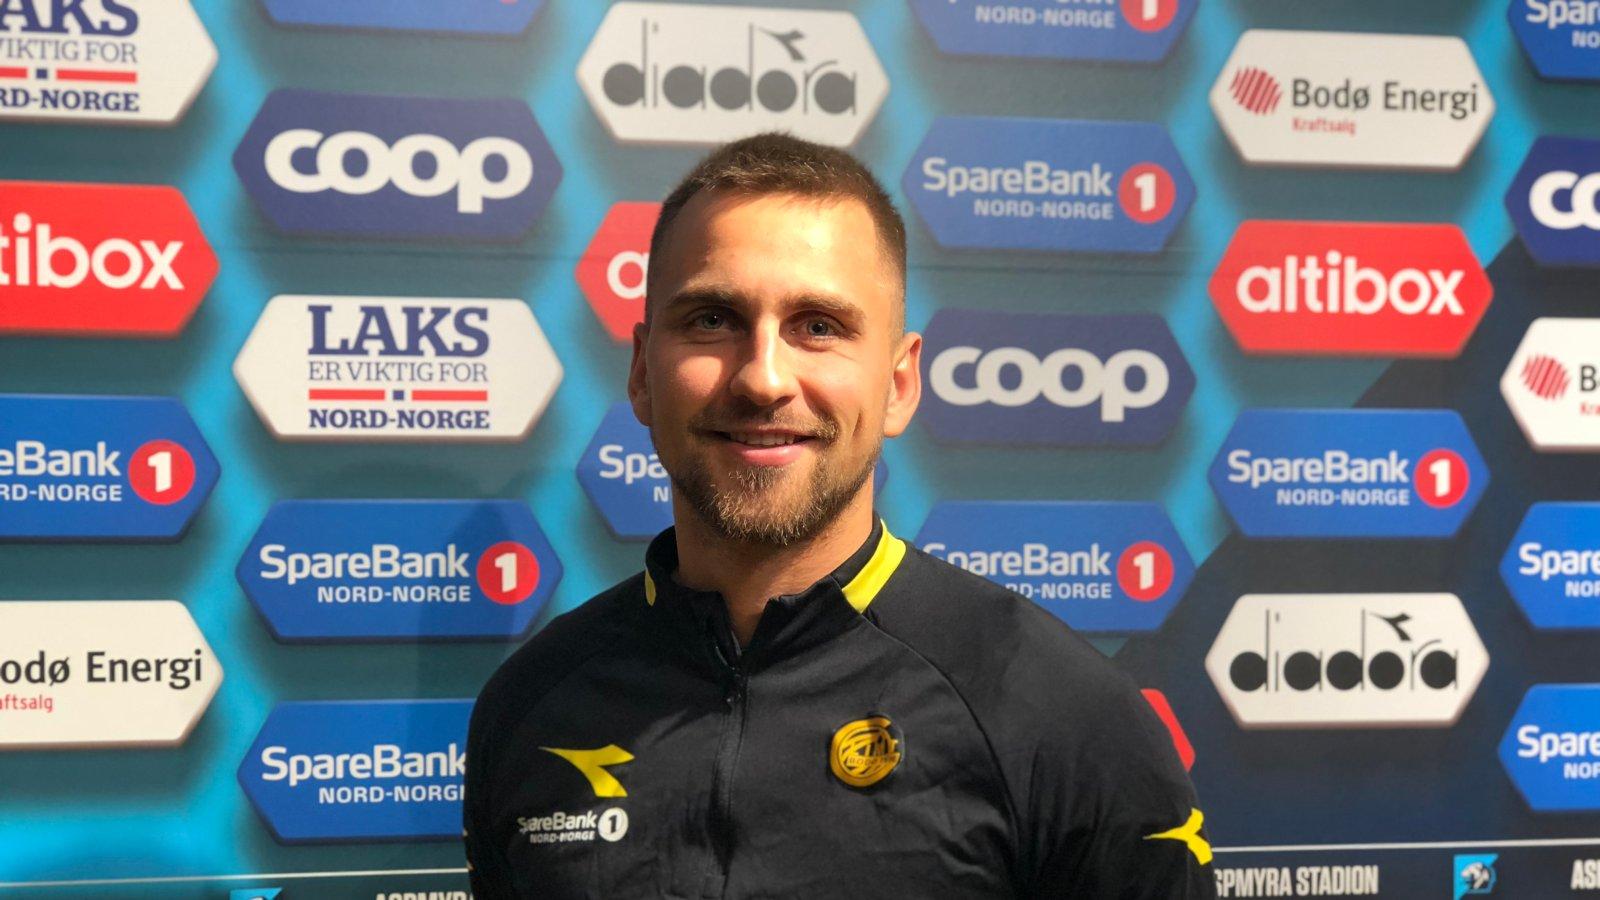 Oliver Sigurjónsson tilbake i Bodø.